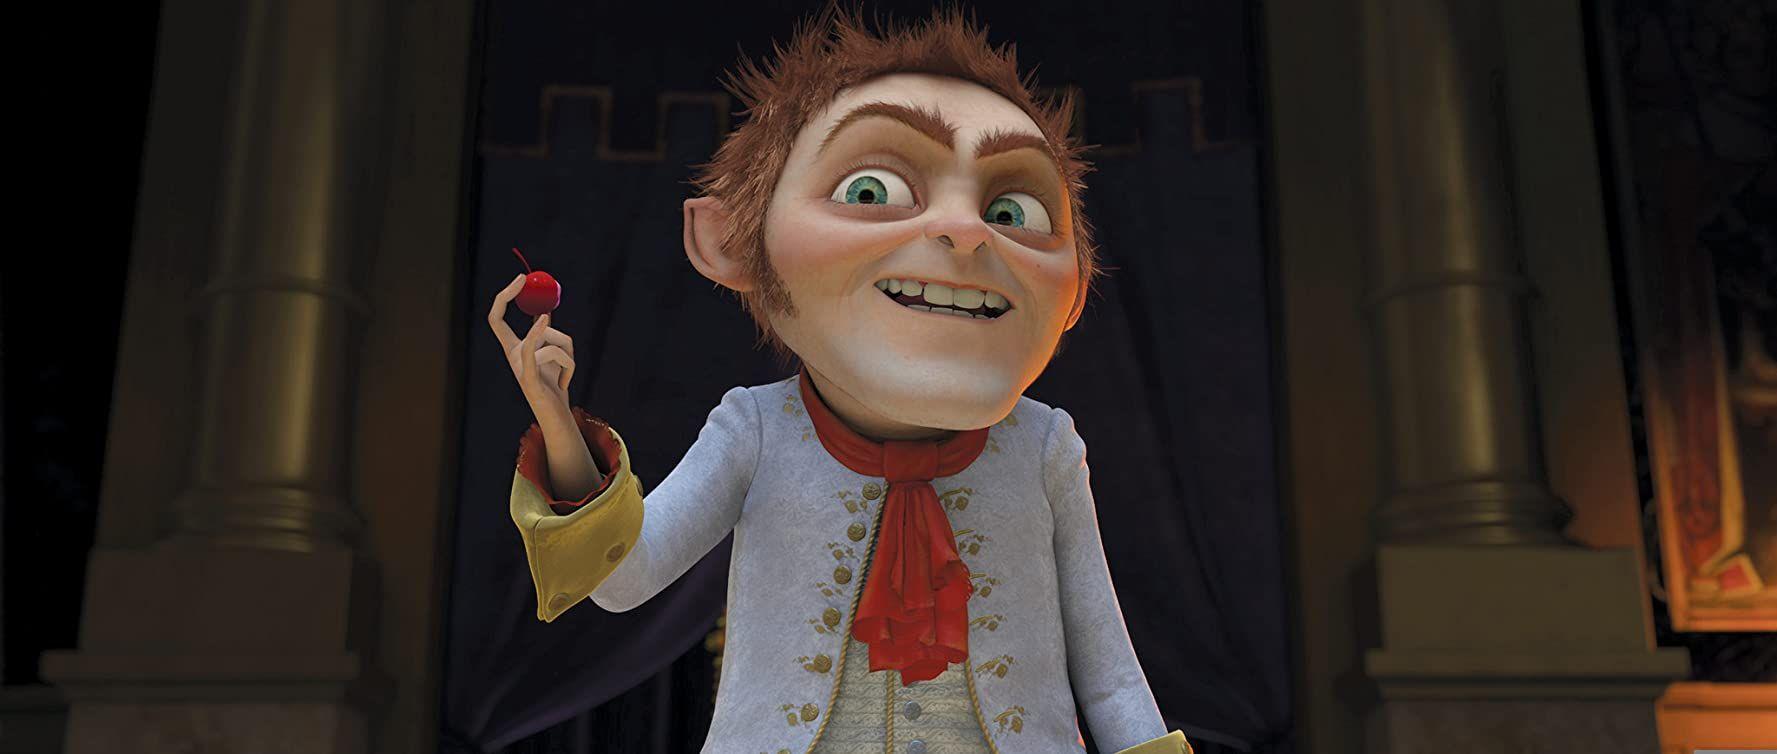 Shrek Forever After 2010 Shrek Rumpelstiltskin Dreamworks Animation